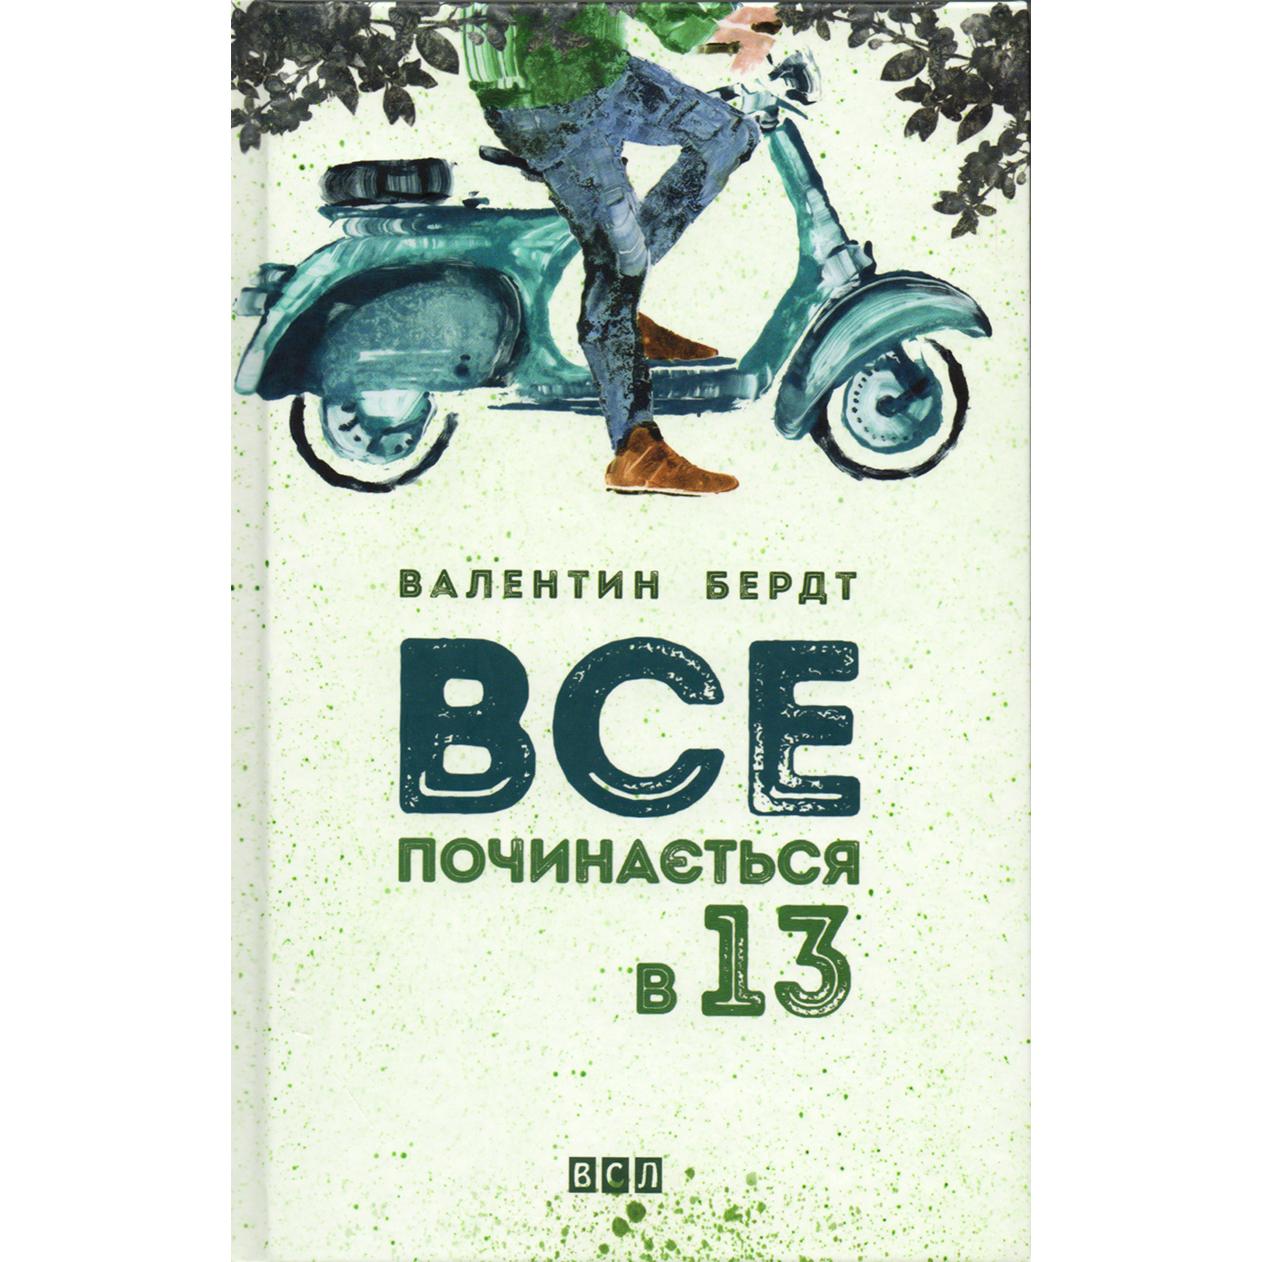 Купити книгу Все починається в 13, Валентина Бредт | Bukio